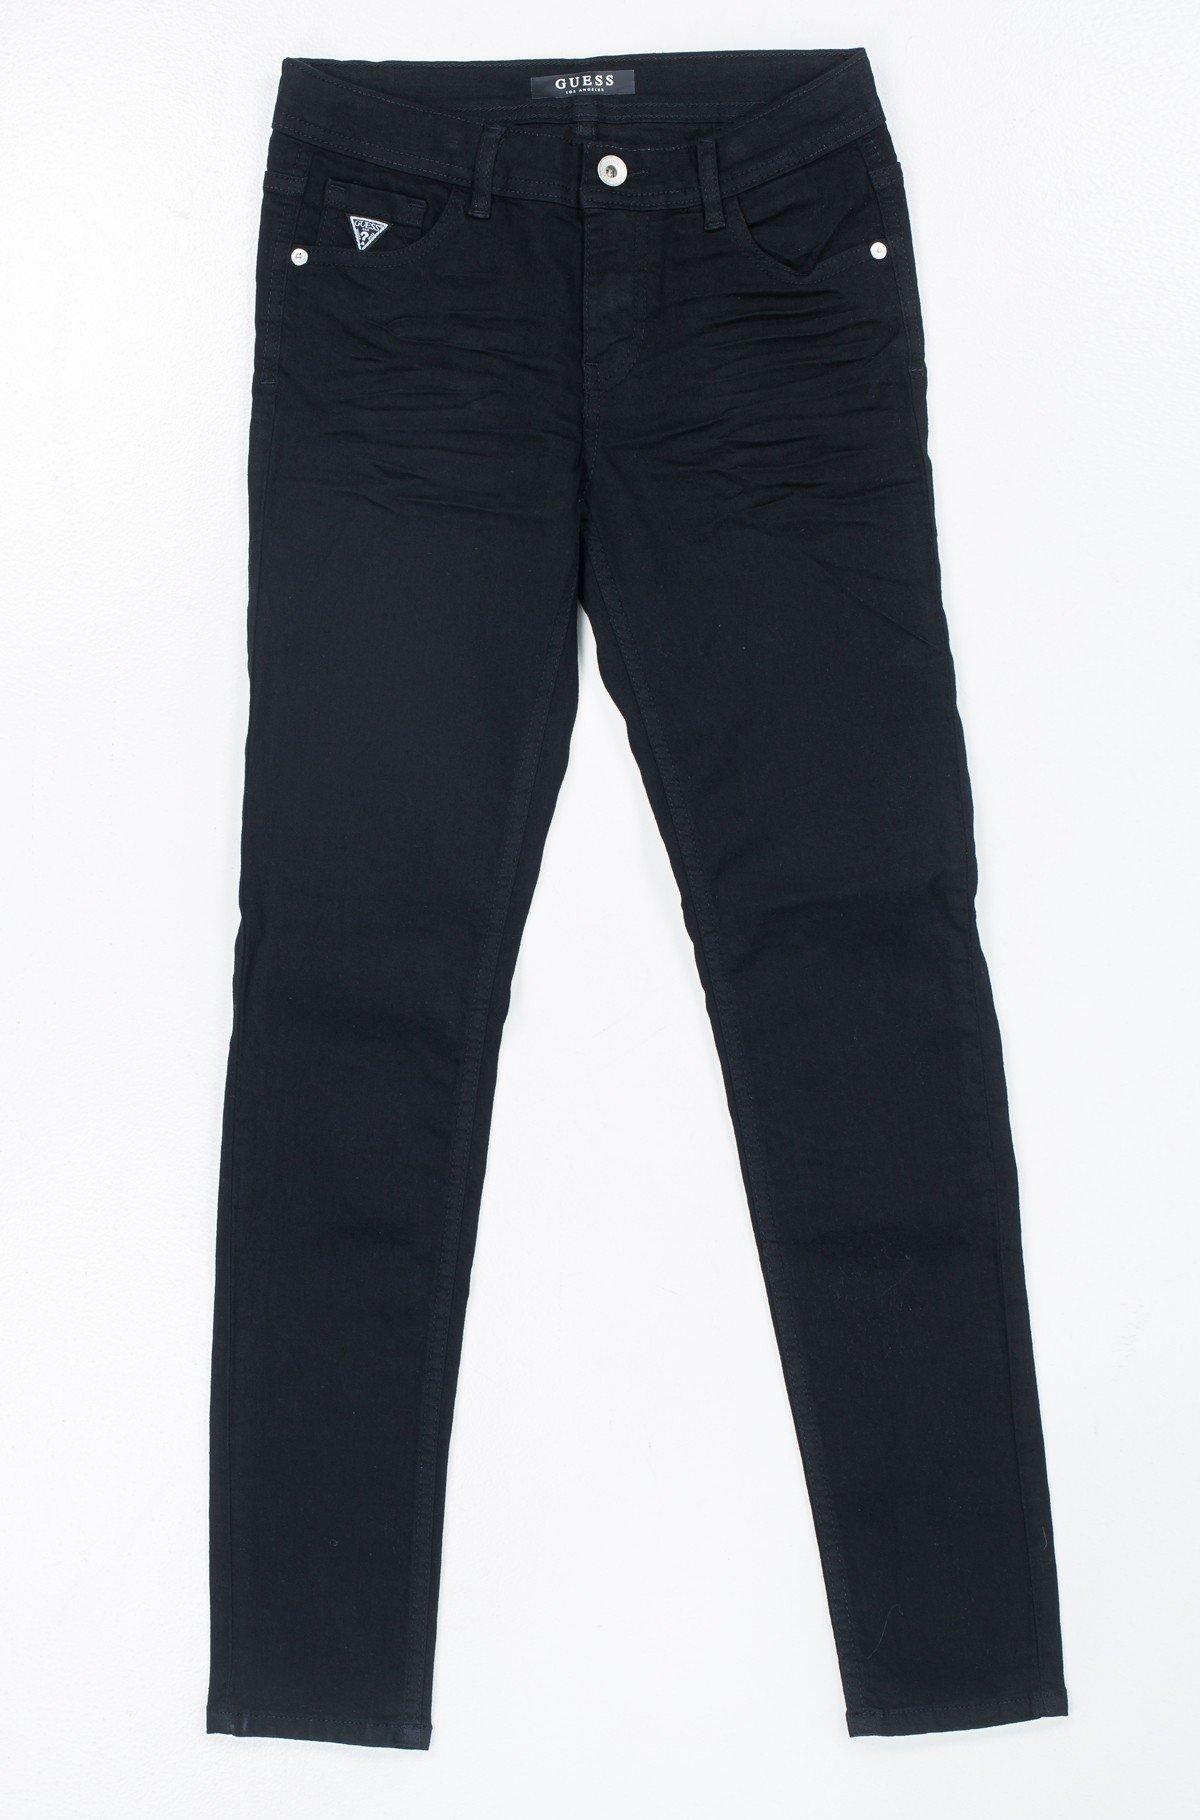 Vaikiškos džinsinės kelnės J71A85 D31W0-full-1